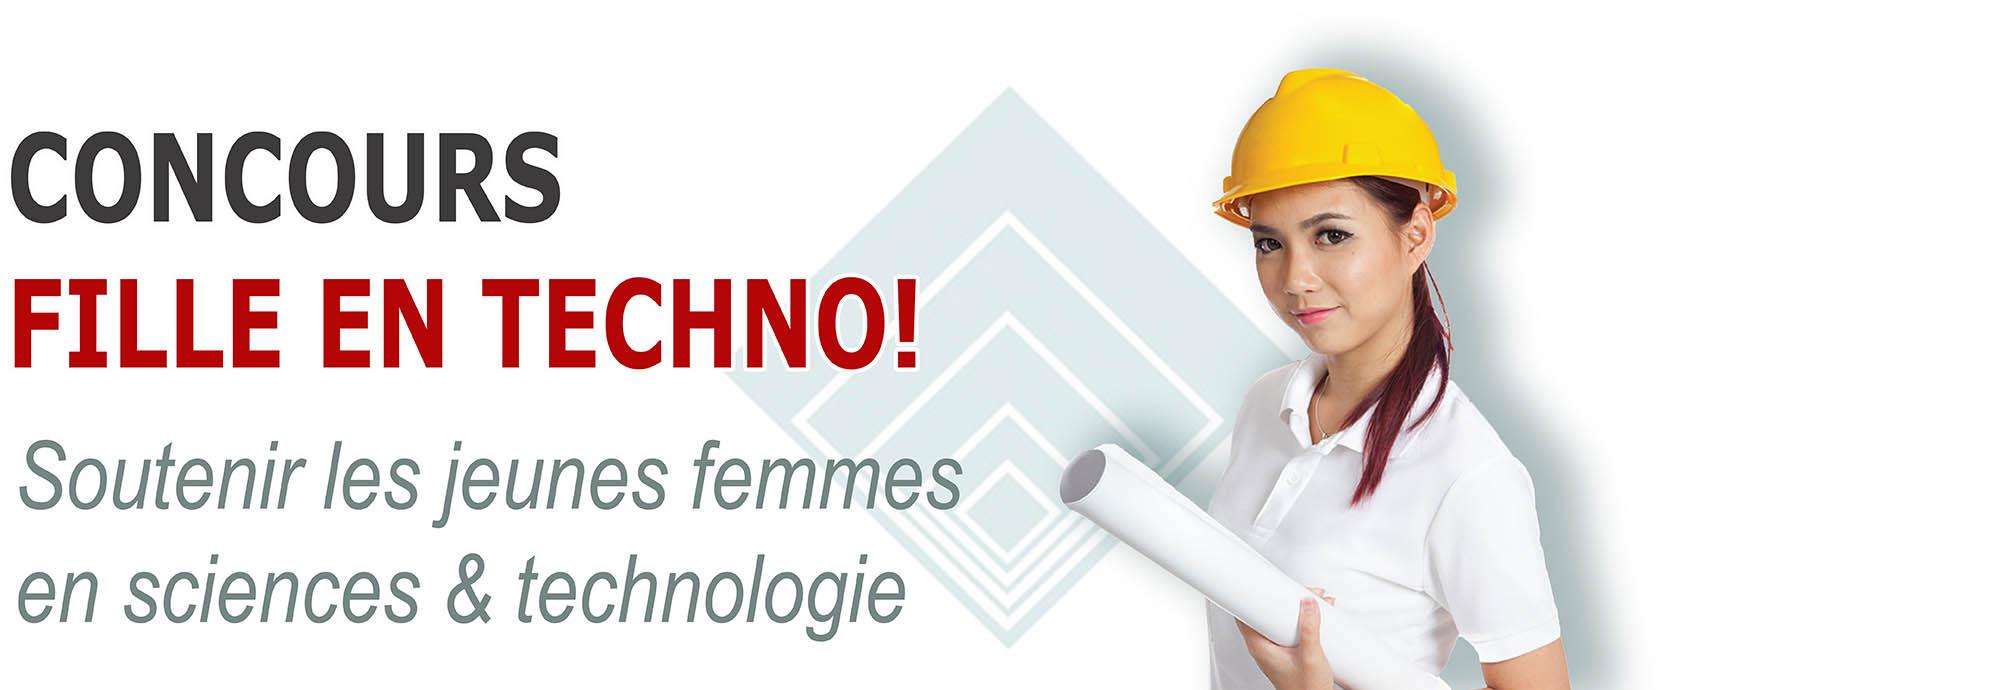 Concours Fille en Techno! - Soutenir les jeunes femmes en sciences & technologie - Portail étudiant OTPQ